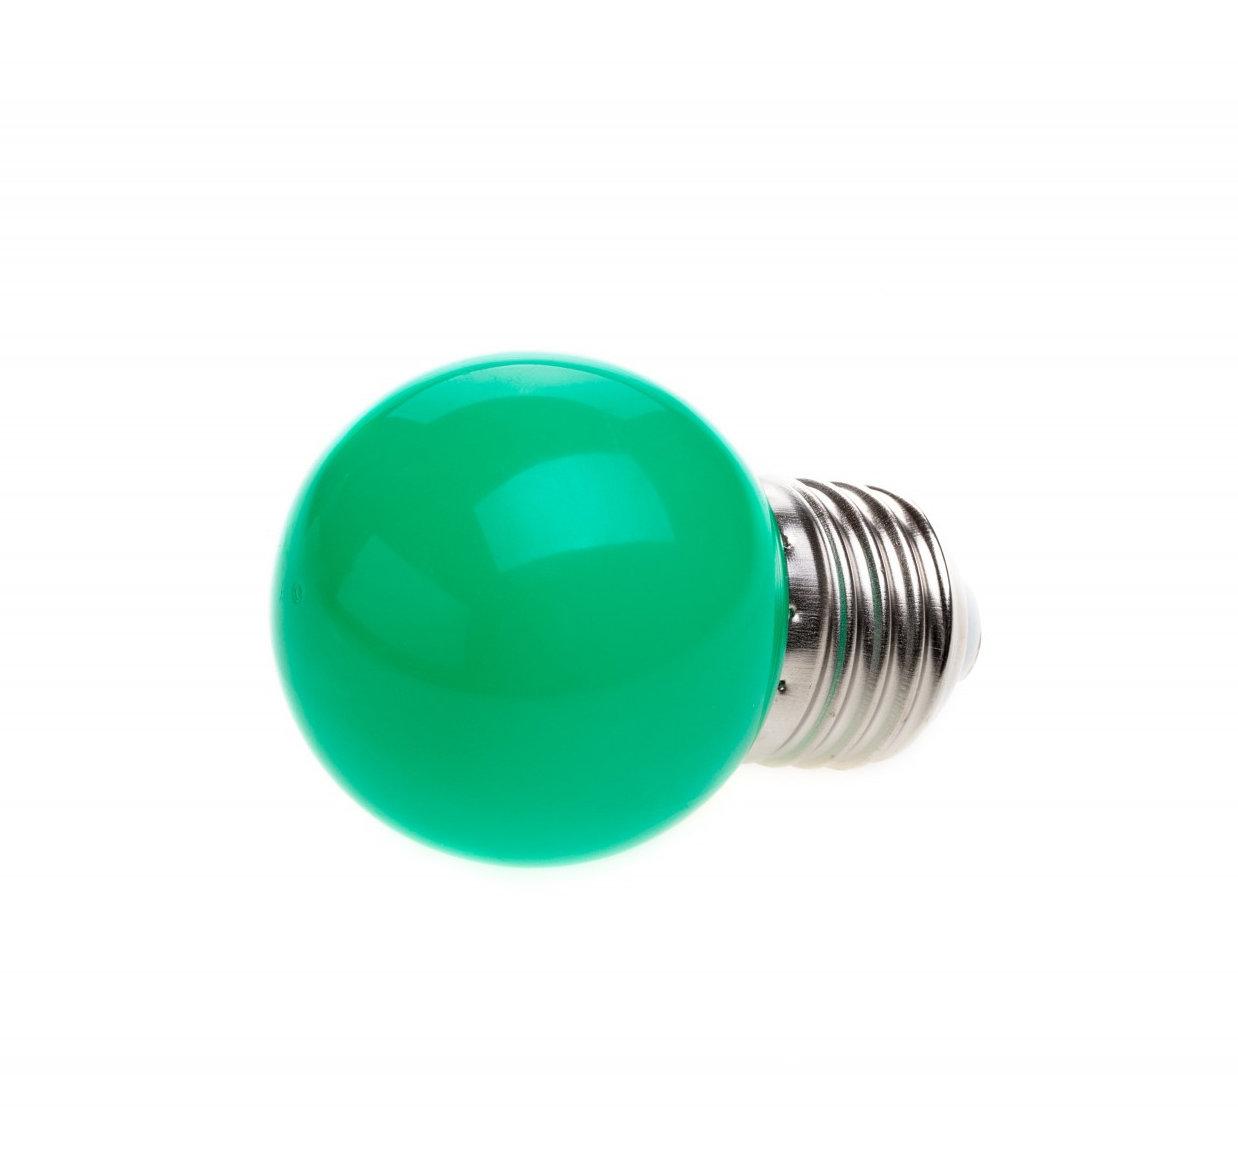 LED Dekoratívna žiarovka pre svetelné šnúry a reťaze, E27, 1W, Zelená farba (2)